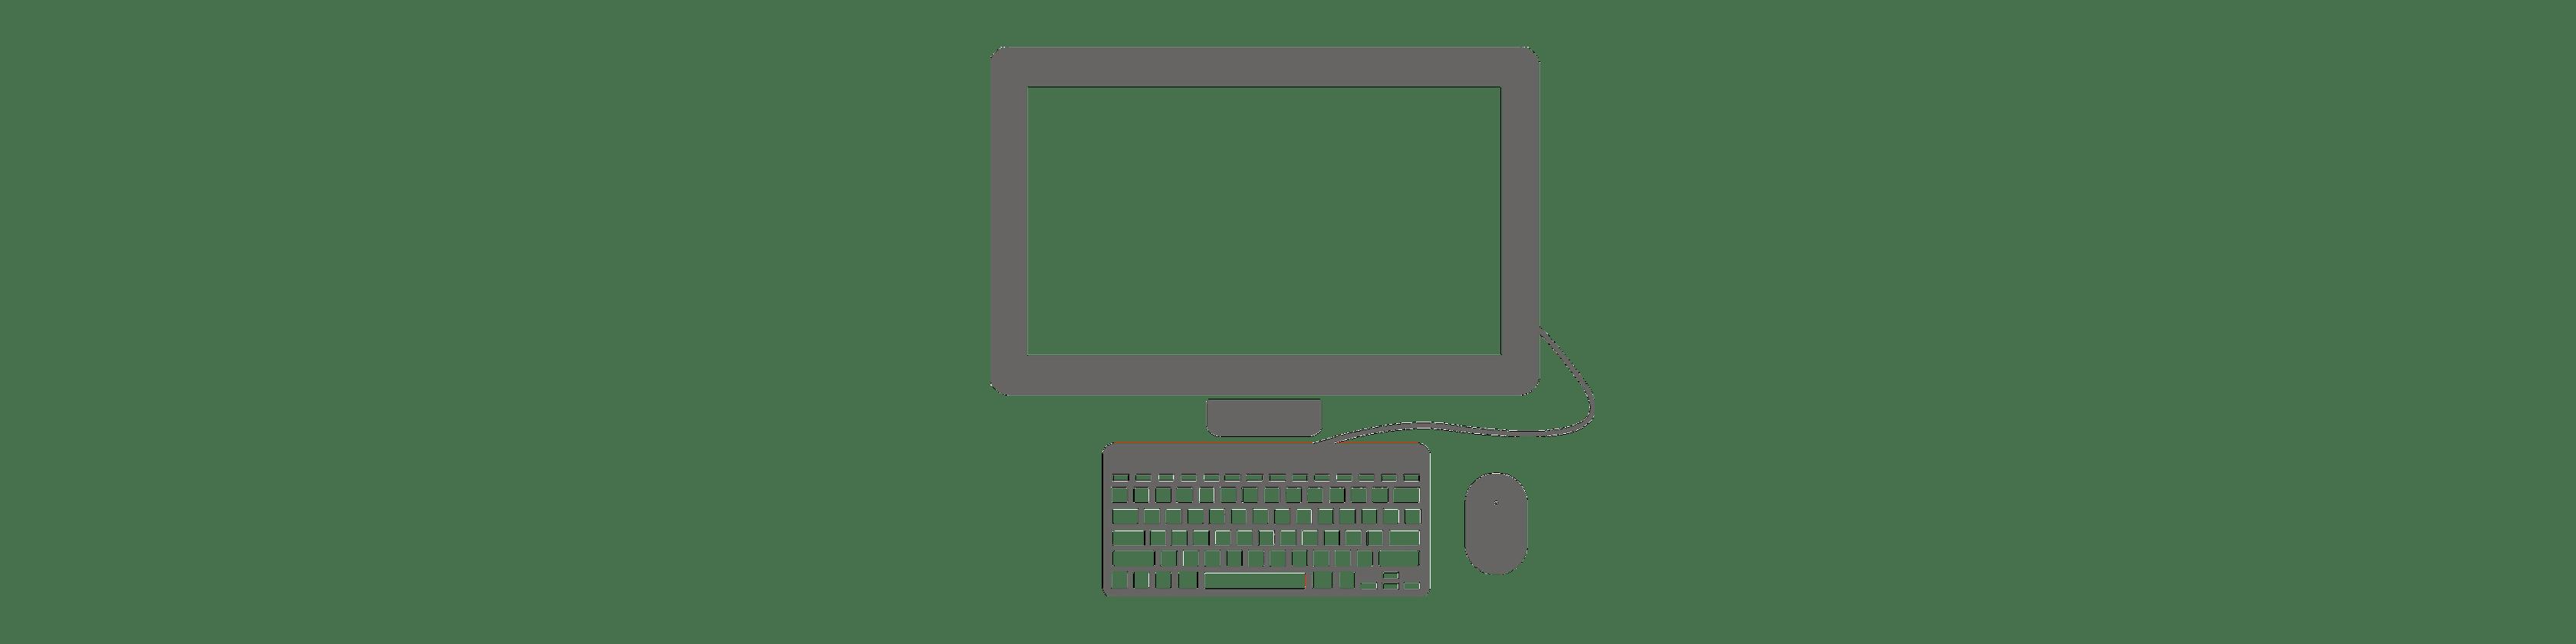 C98C619F-7EF1-4BE8-A0AA-F28C79B5215D